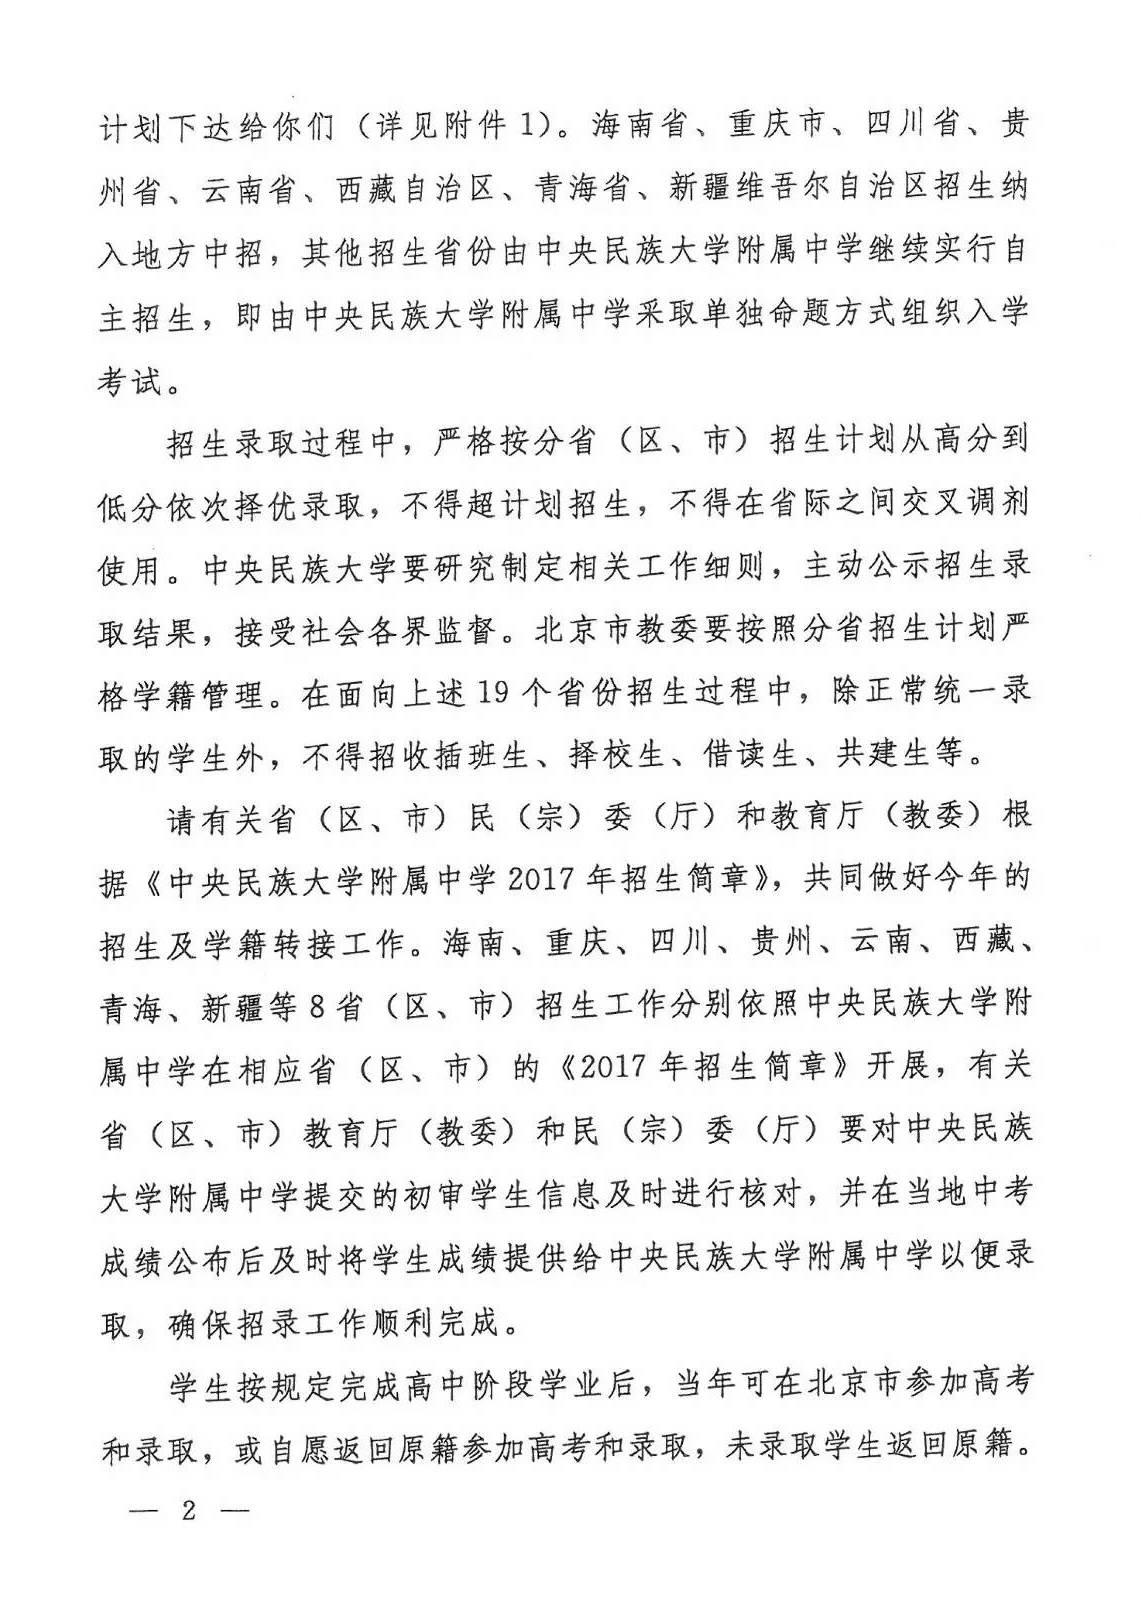 中央民族大学附属中学面向贵州招收48名少数生活的小海高中图片